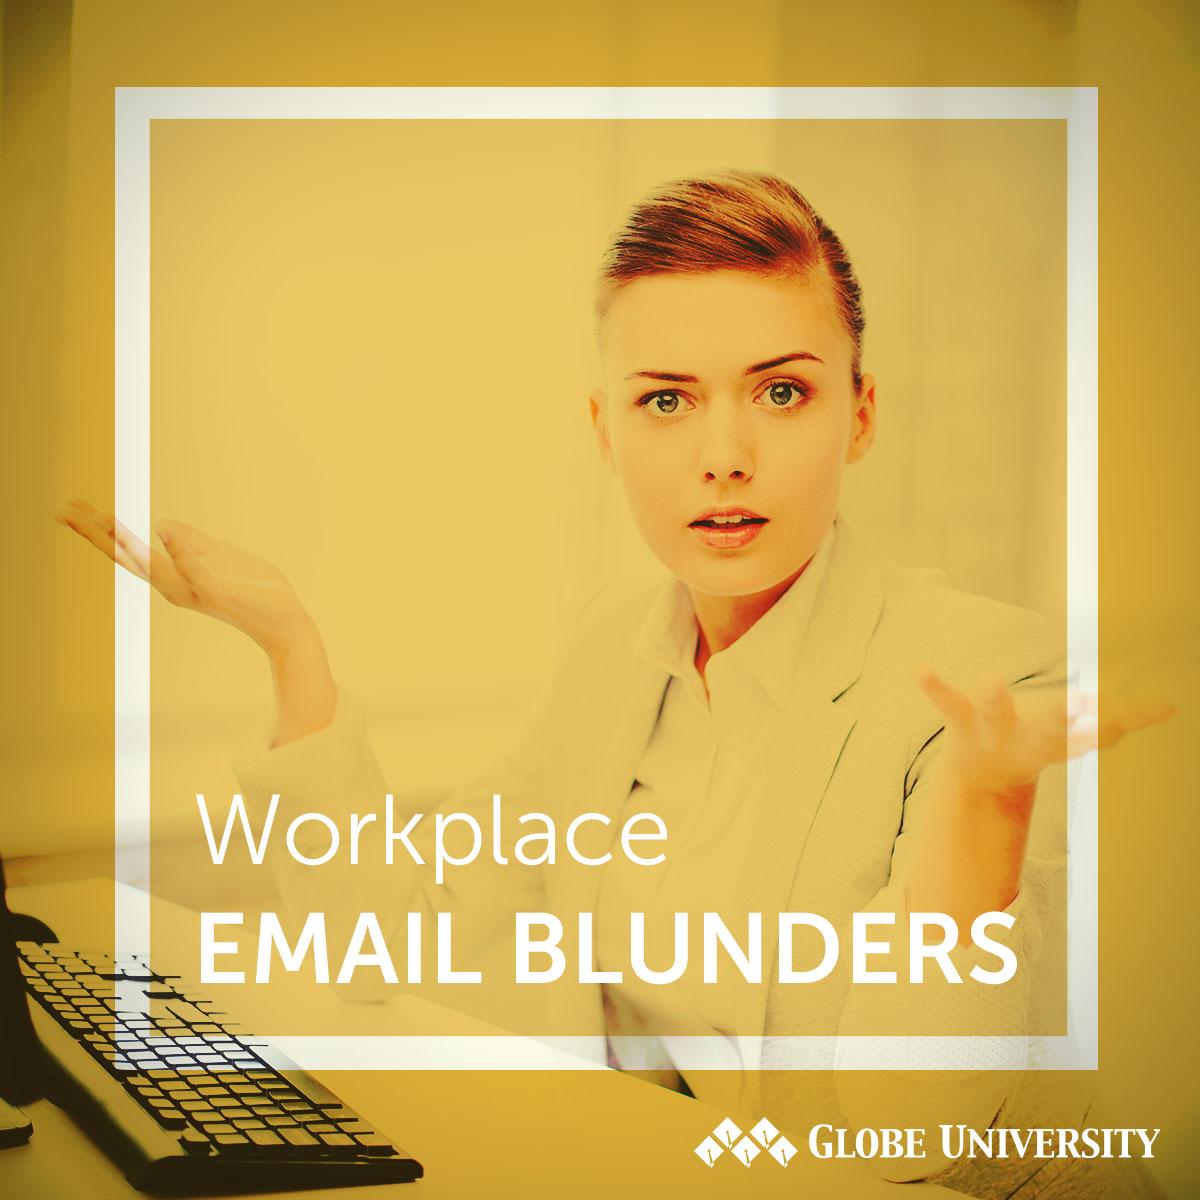 GU_Career_Tips_0215_EmailBlunders.jpg